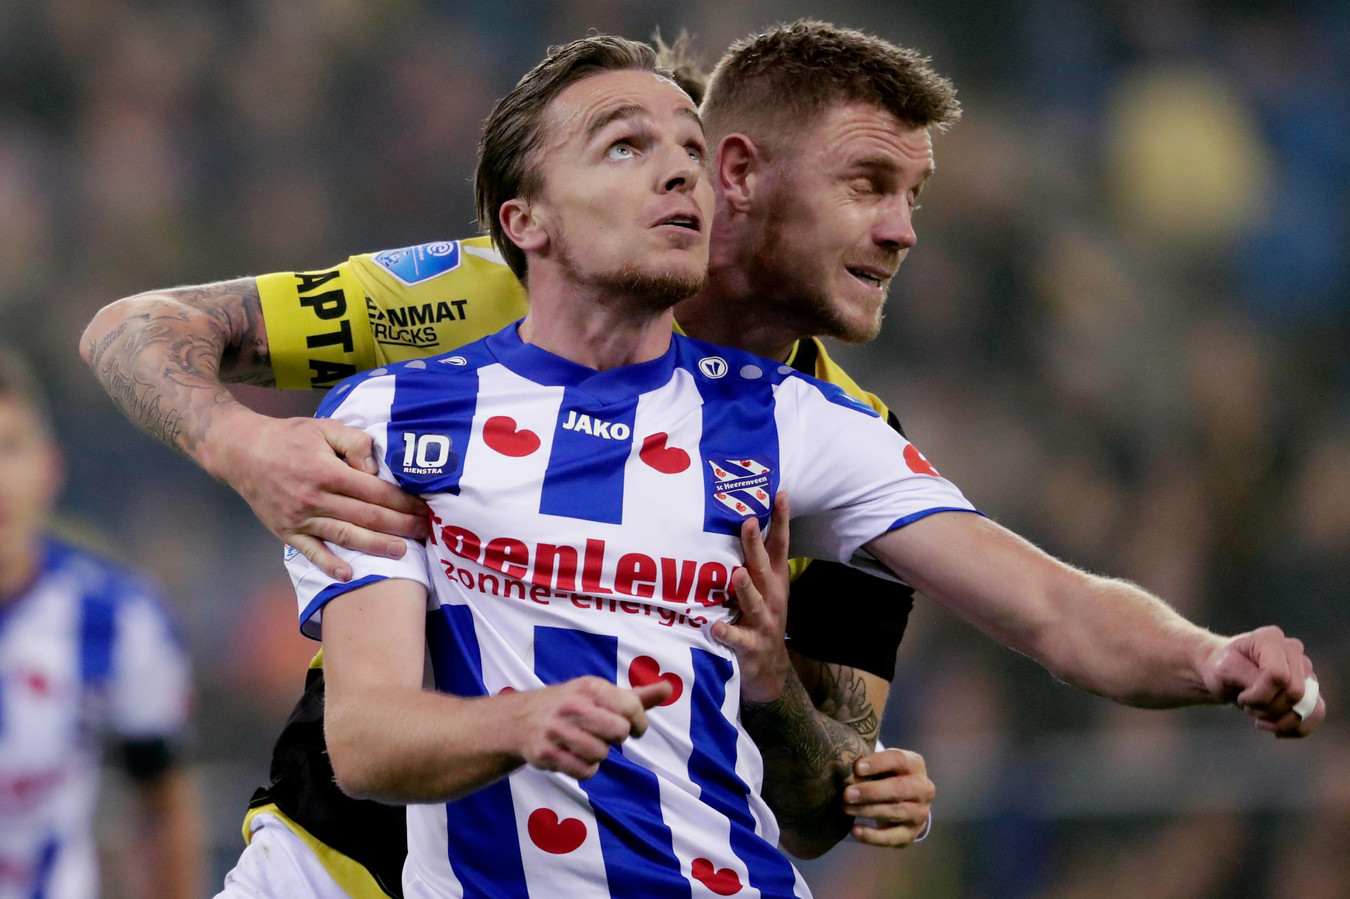 Een eerdere confrontatie tussen Vitesse en sc Heerenveen. Hier Maikel van der Werff van Vitesse in duel met Ben Rienstra.